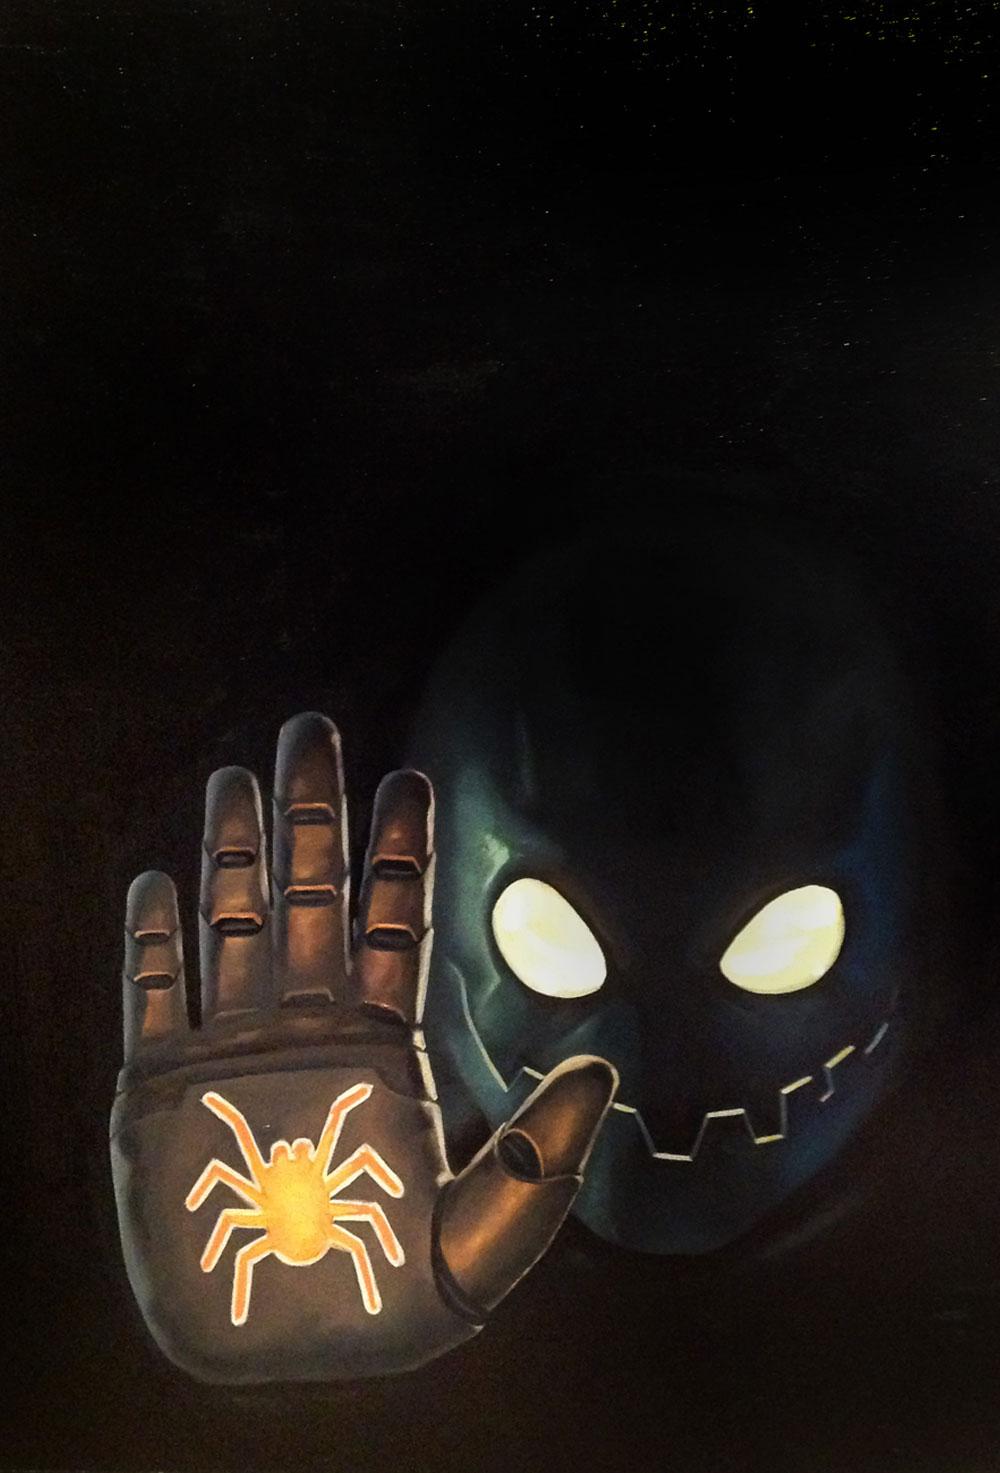 The Spider: Robot Spider